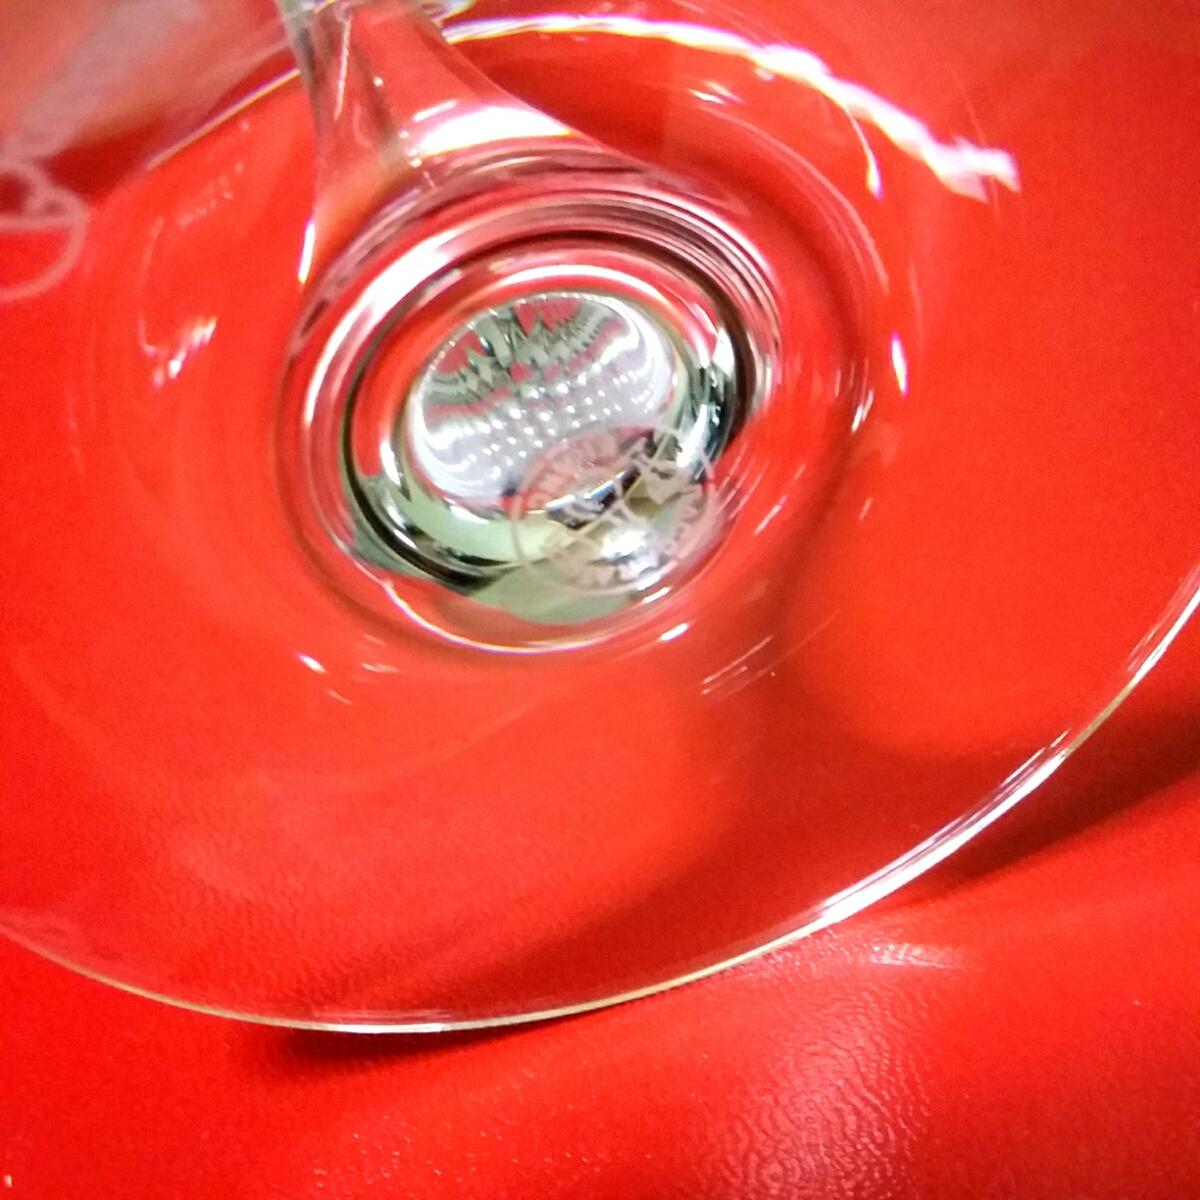 バカラ Baccarat シャトーバカラ ワイングラスS ペア 2客 未使用 保管品 美品_画像4